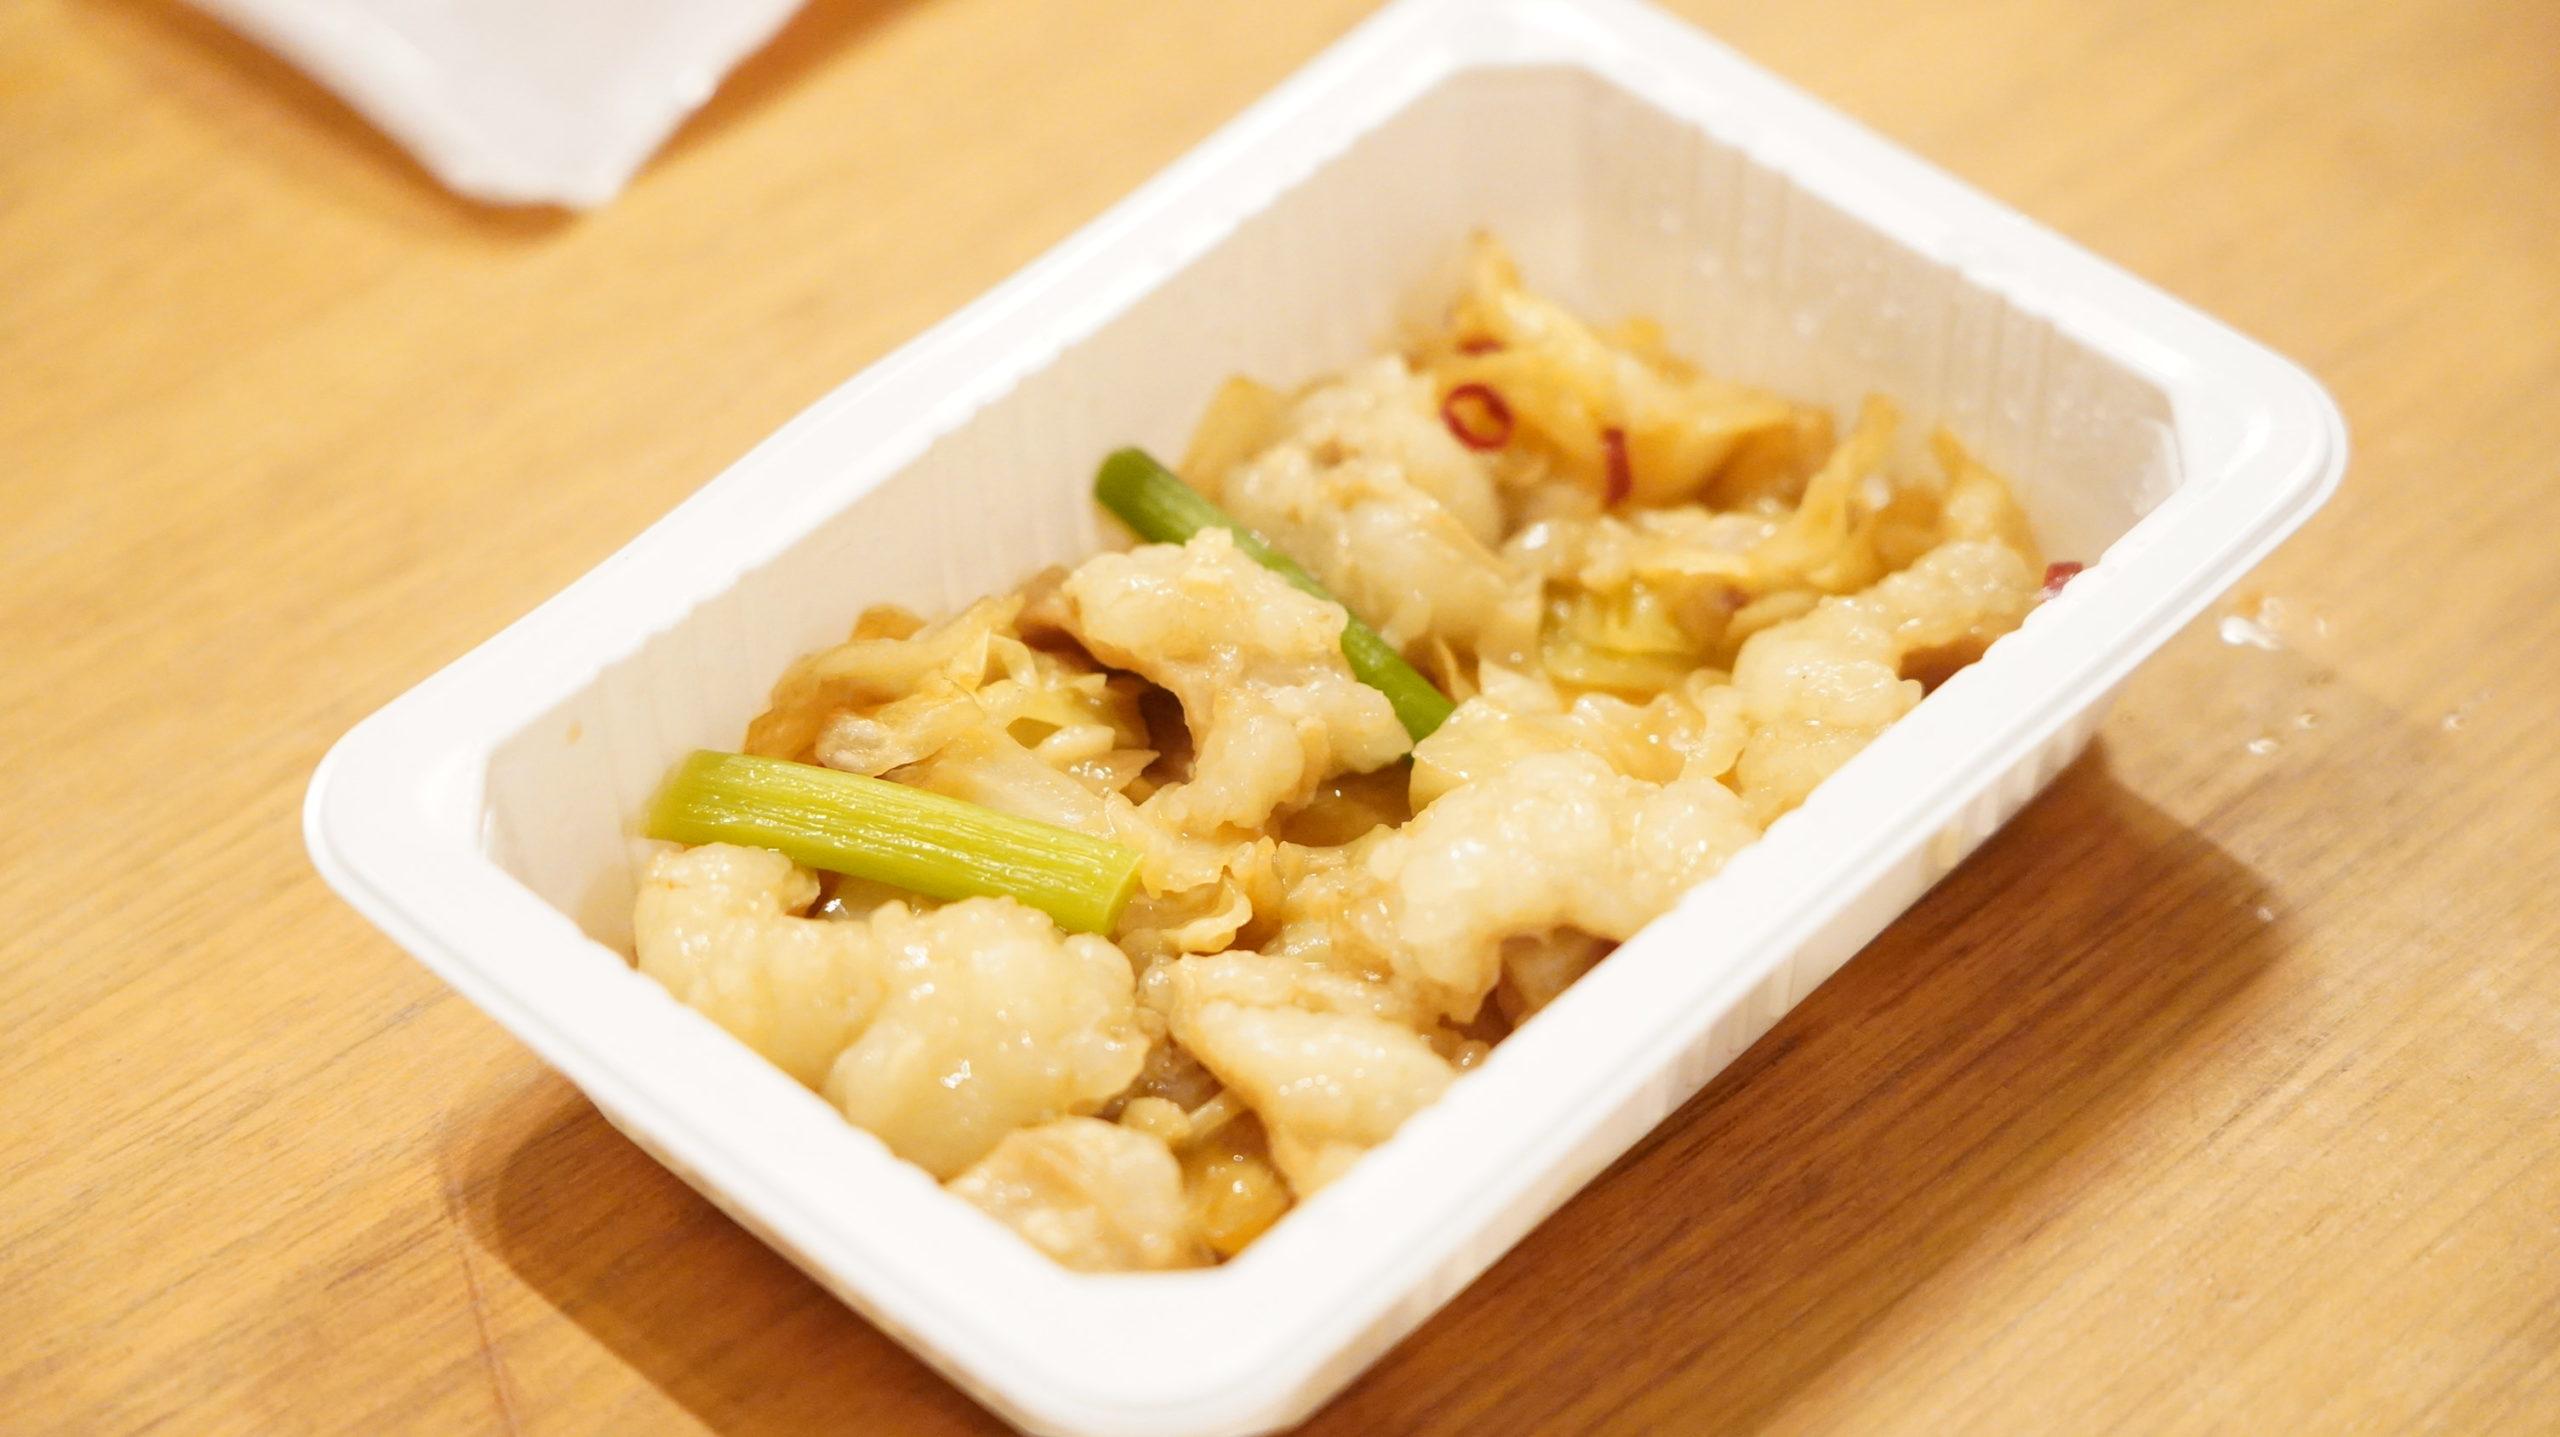 セブンイレブンの冷凍食品「キャベツとにんにくの芽入・牛塩ホルモン炒め」の全体写真